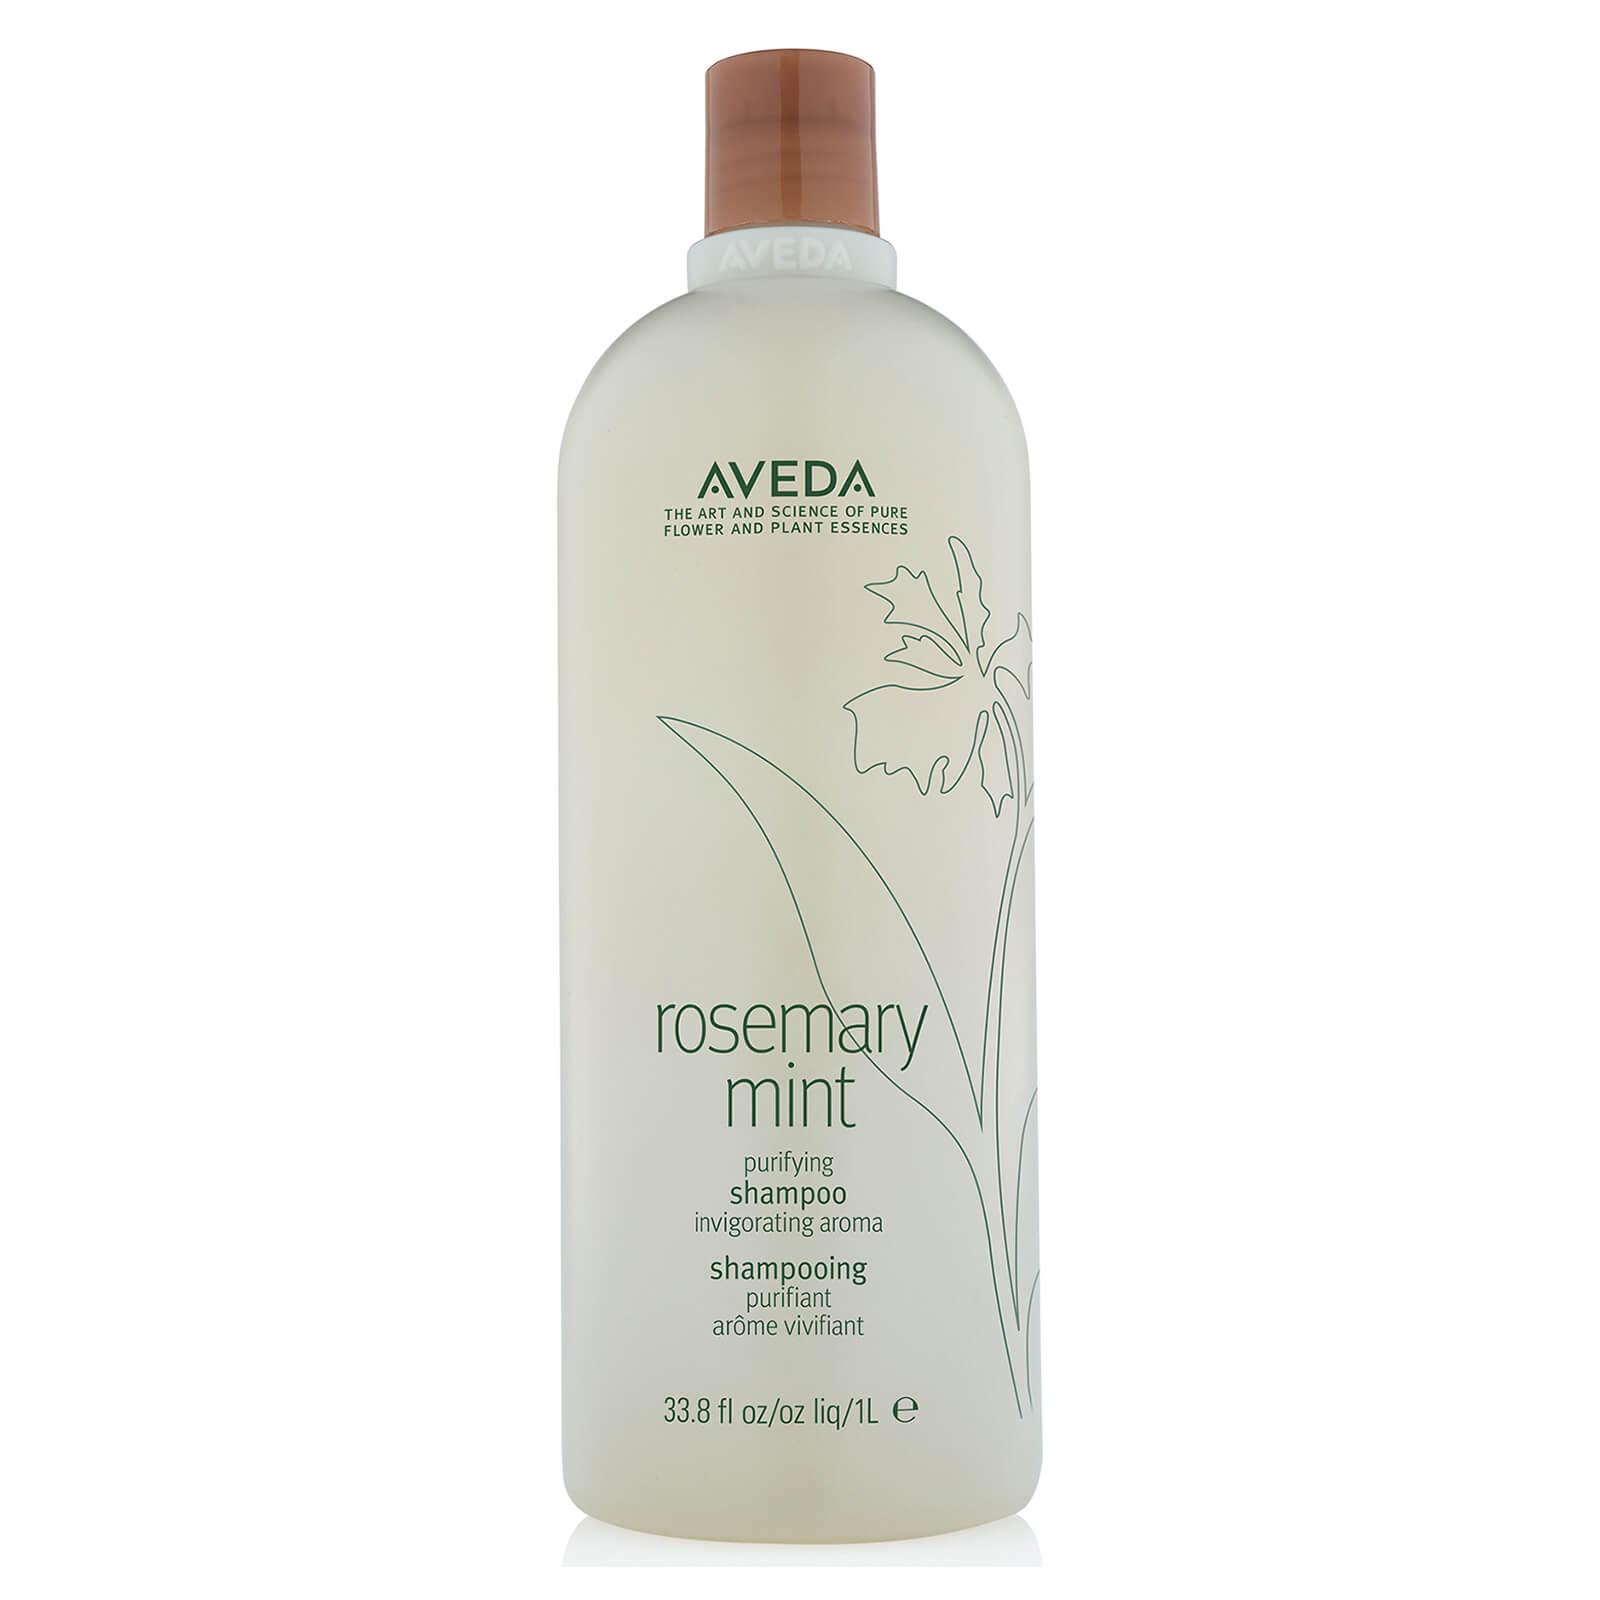 Aveda Rosemary Mint Purifying Shampoo 1000ml